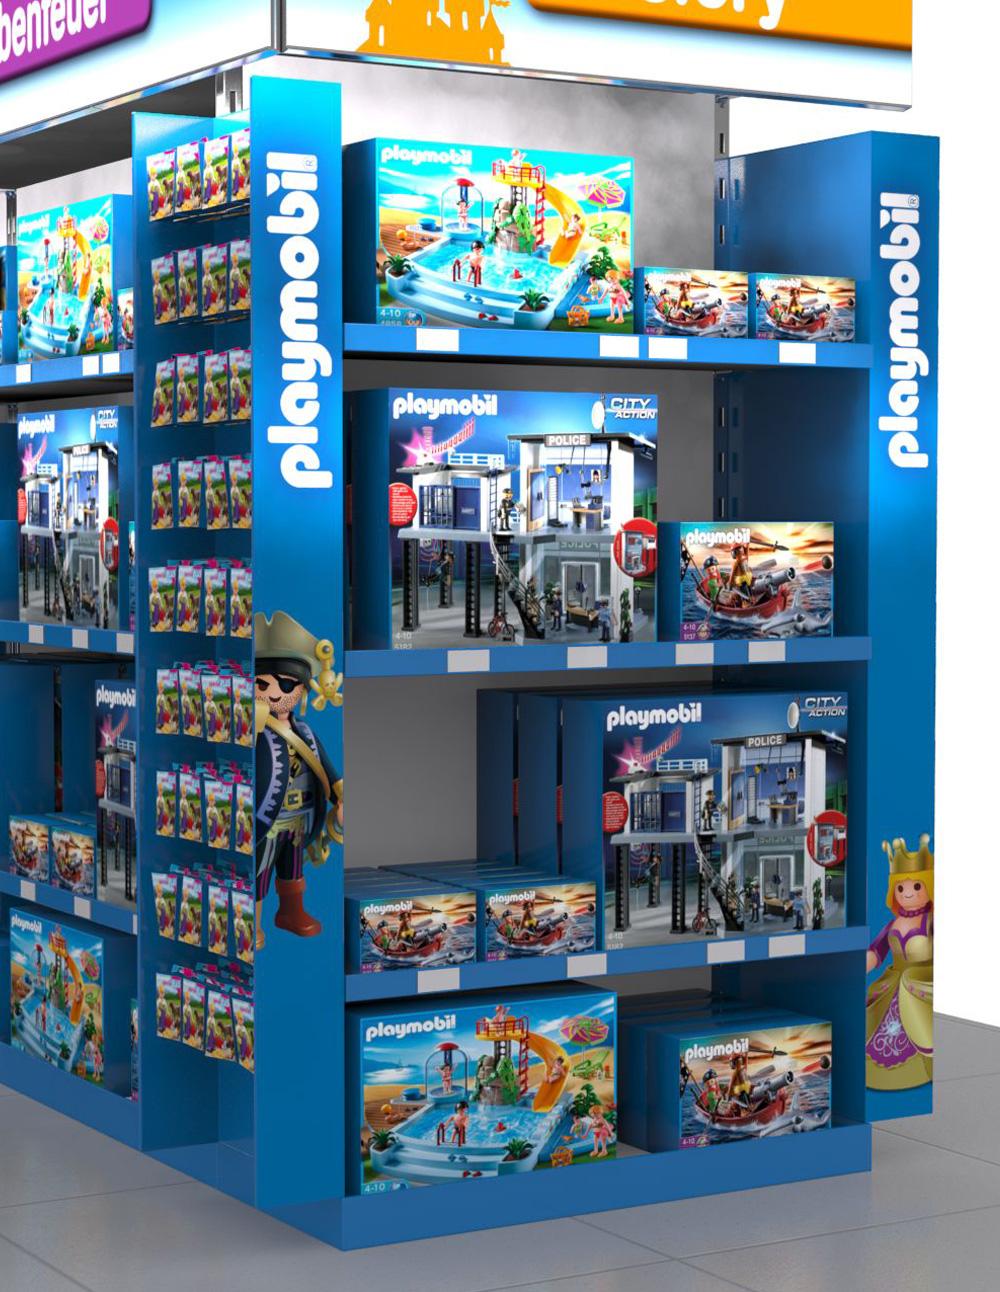 POS Display Playmobil Ausschnitt